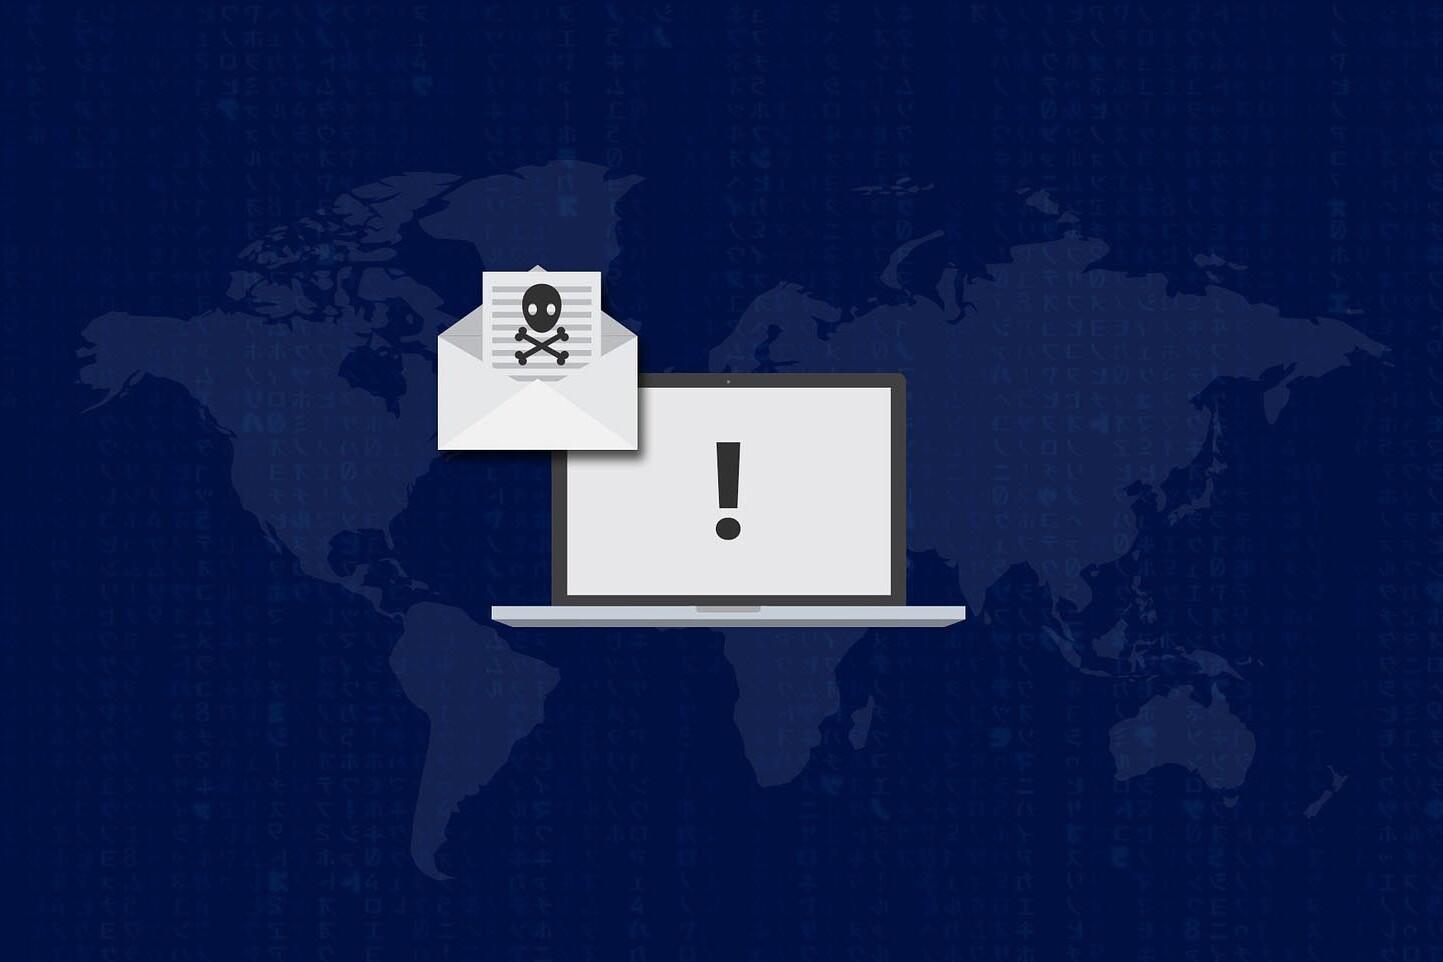 Che succede quando subisci un attacco ransomware? Lavoro fermo, grave perdita di denaro e danno d'immagine.